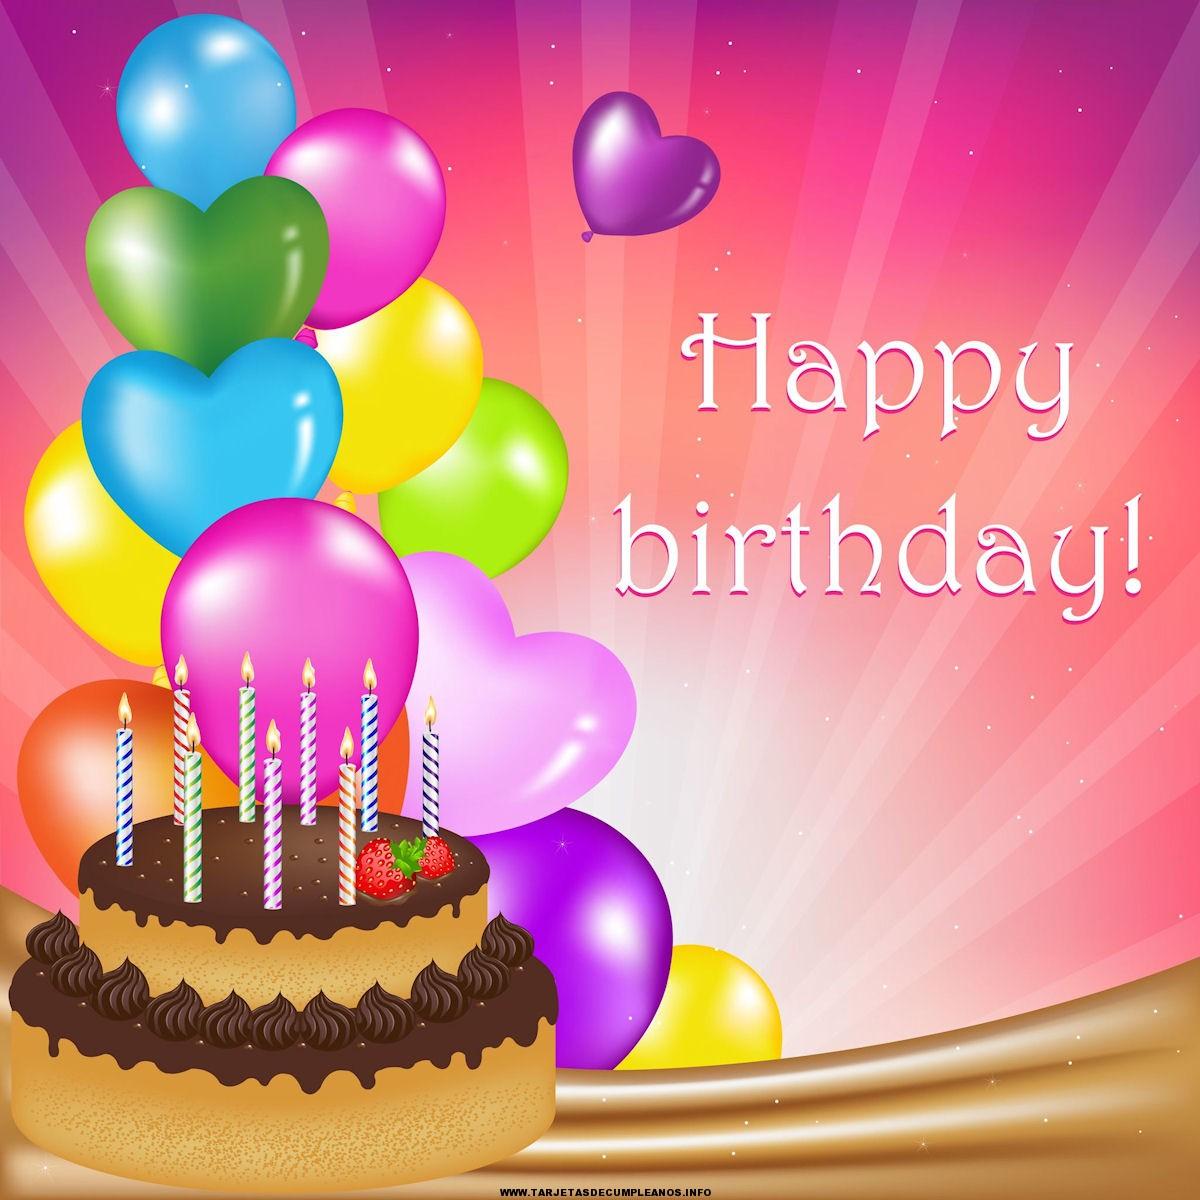 Tarjetas de felicitación de cumpleaños gratis